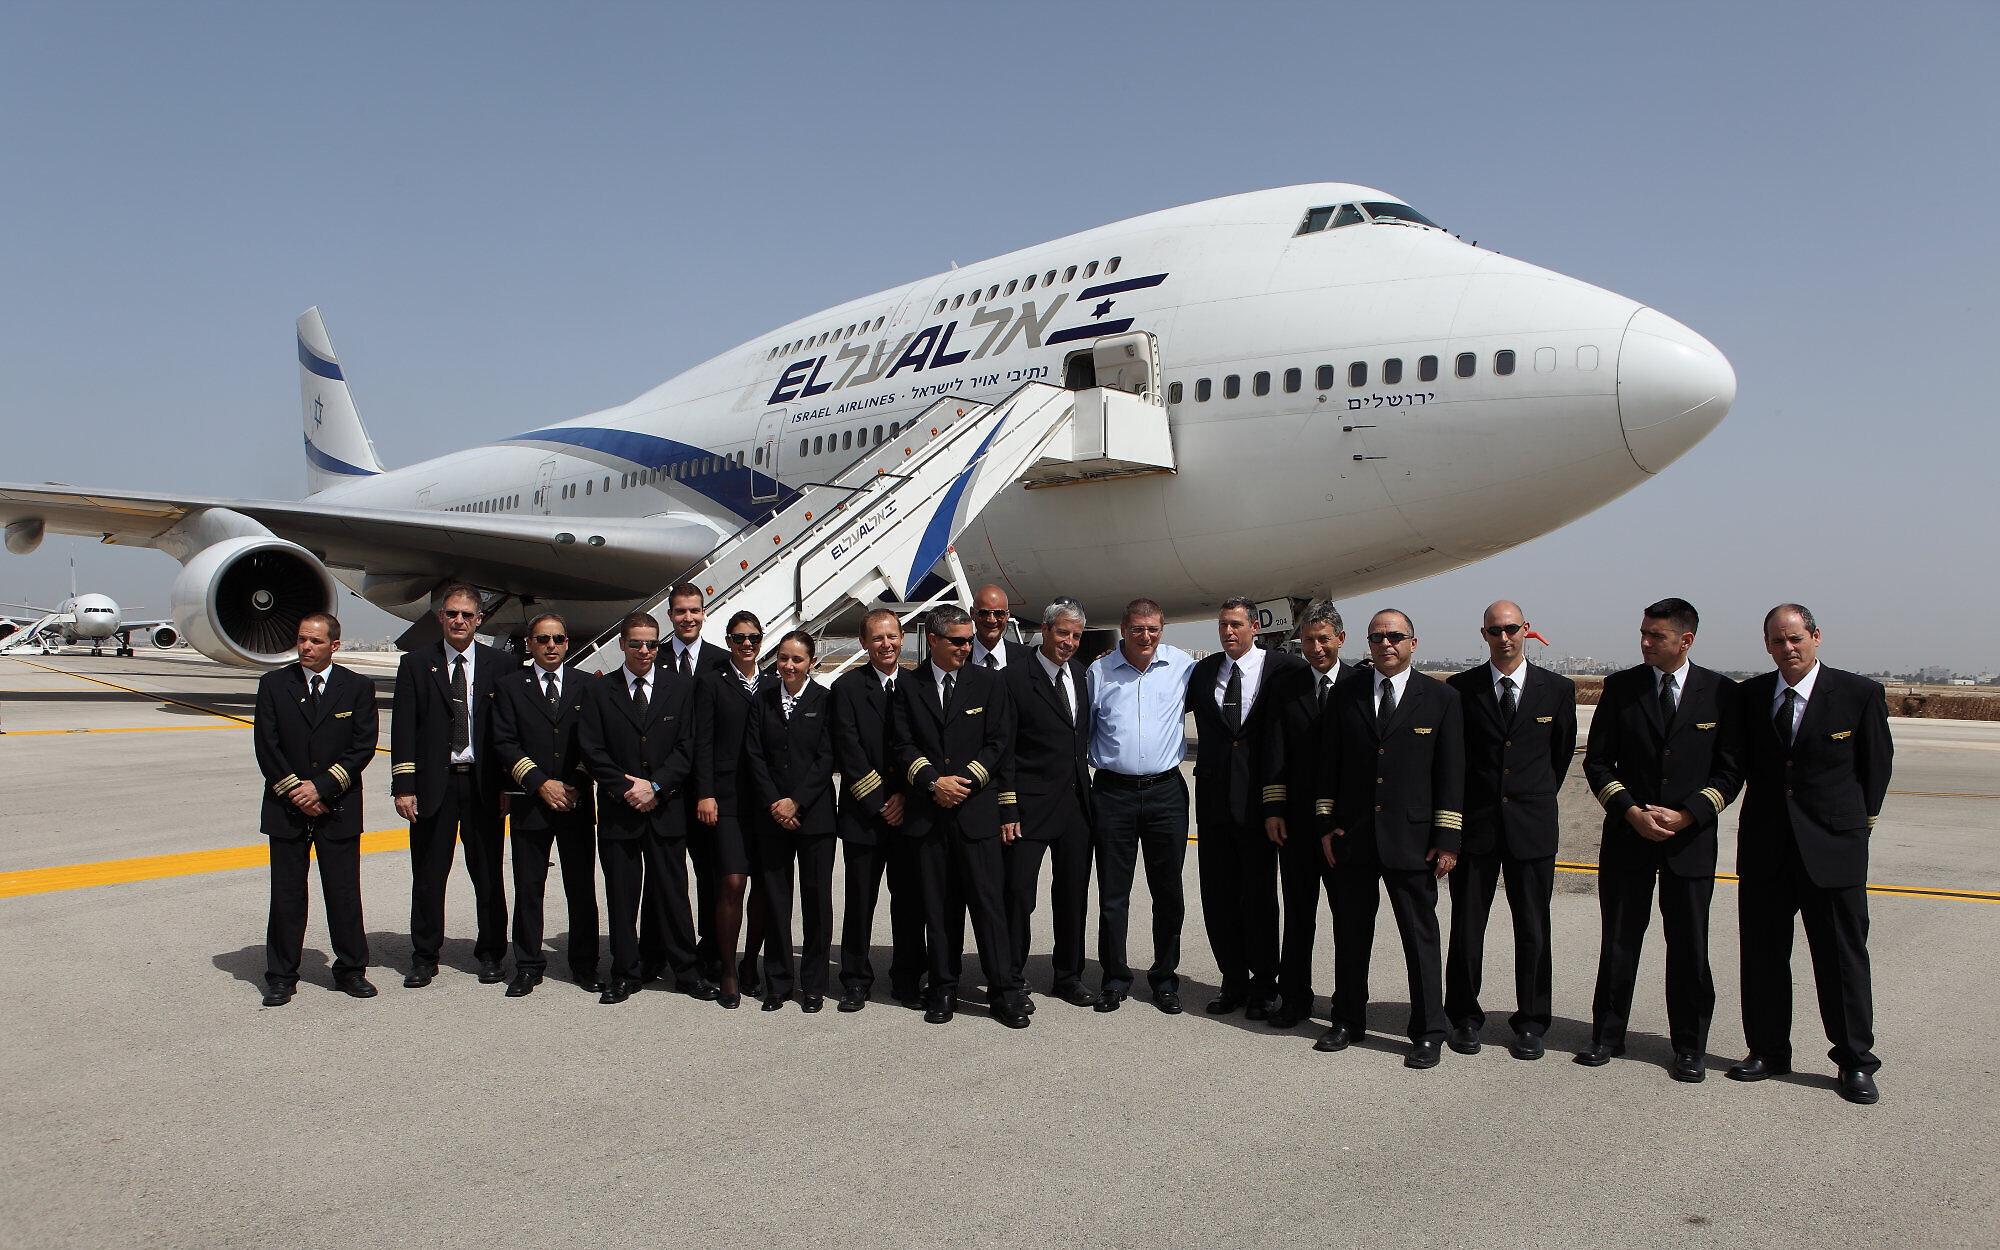 El Al, société privée depuis 2003, en voie d'être renationalisée par l'Etat   The Times of Israël